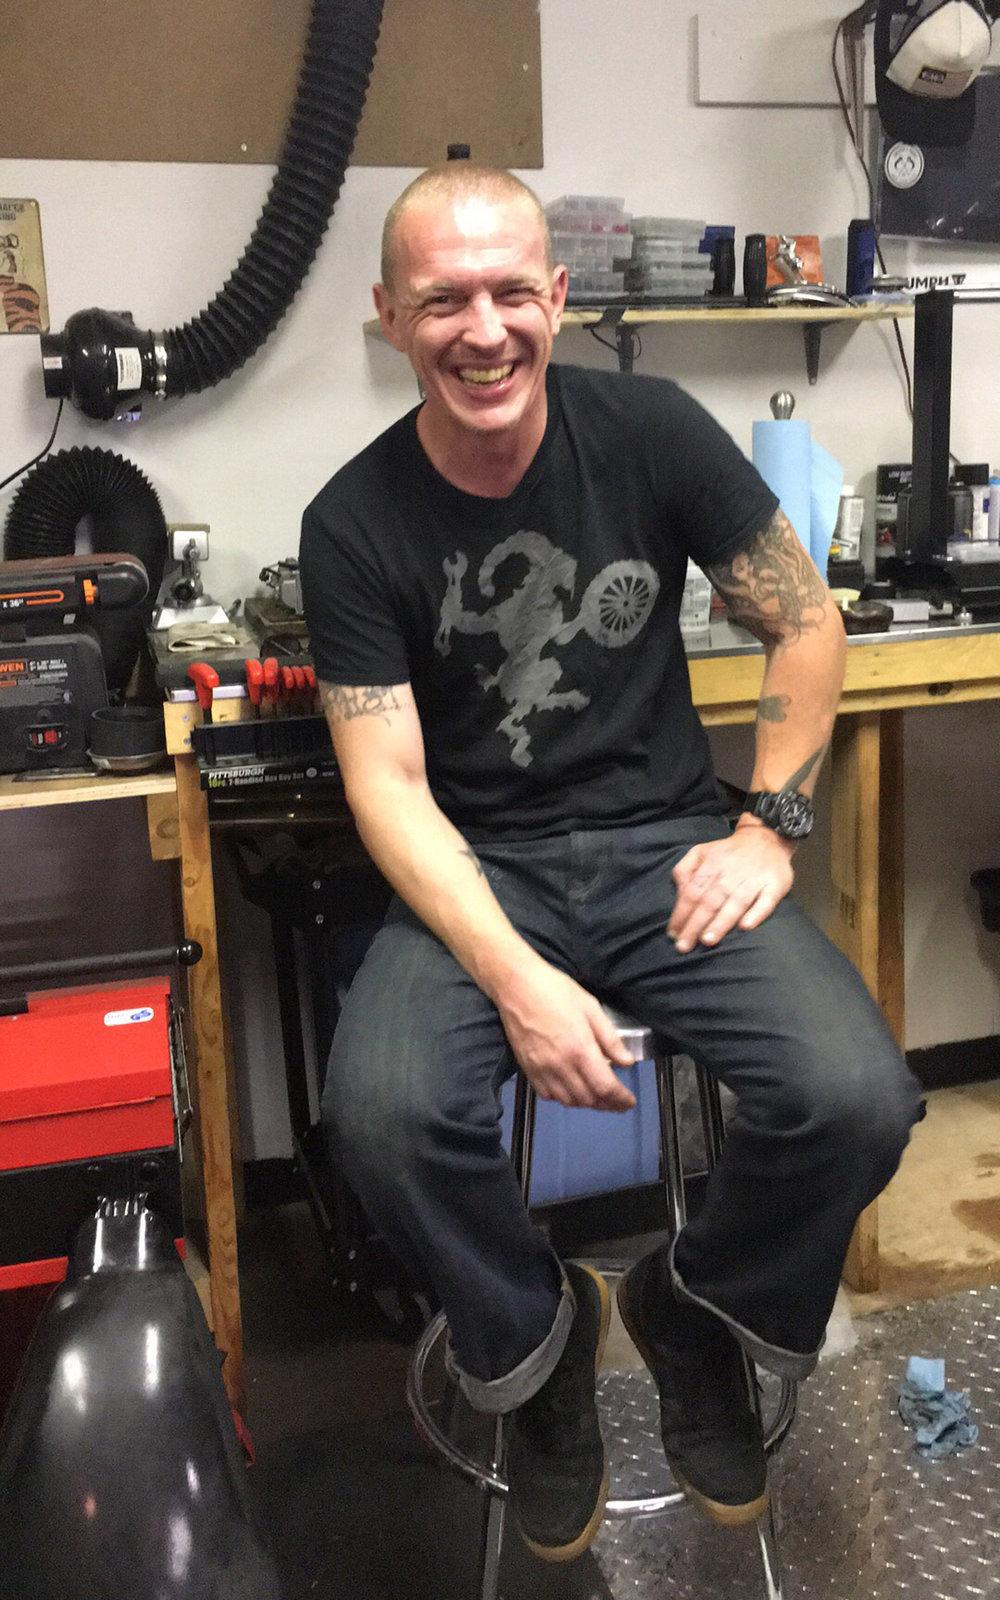 Dirty Billy Brooklyn NYC Garage Adam Gallagher Moto Community Garage Shop Custom Builder.jpg